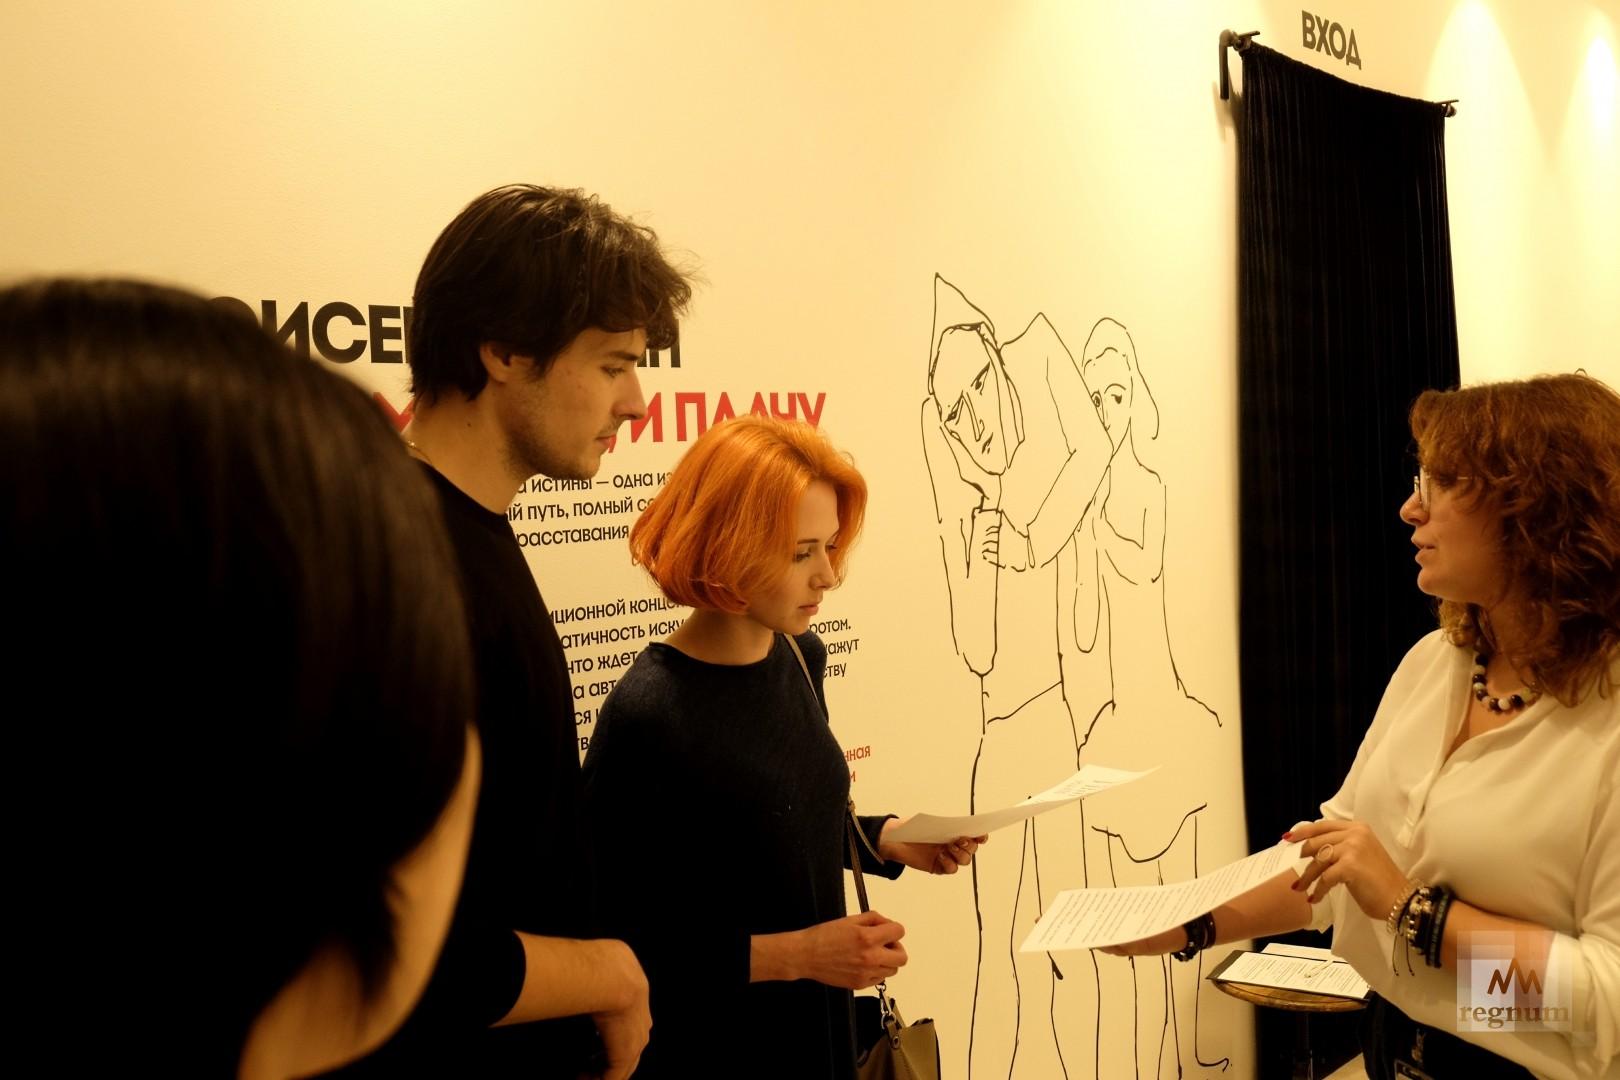 Вводная инструкция перед началом осмотра выставки